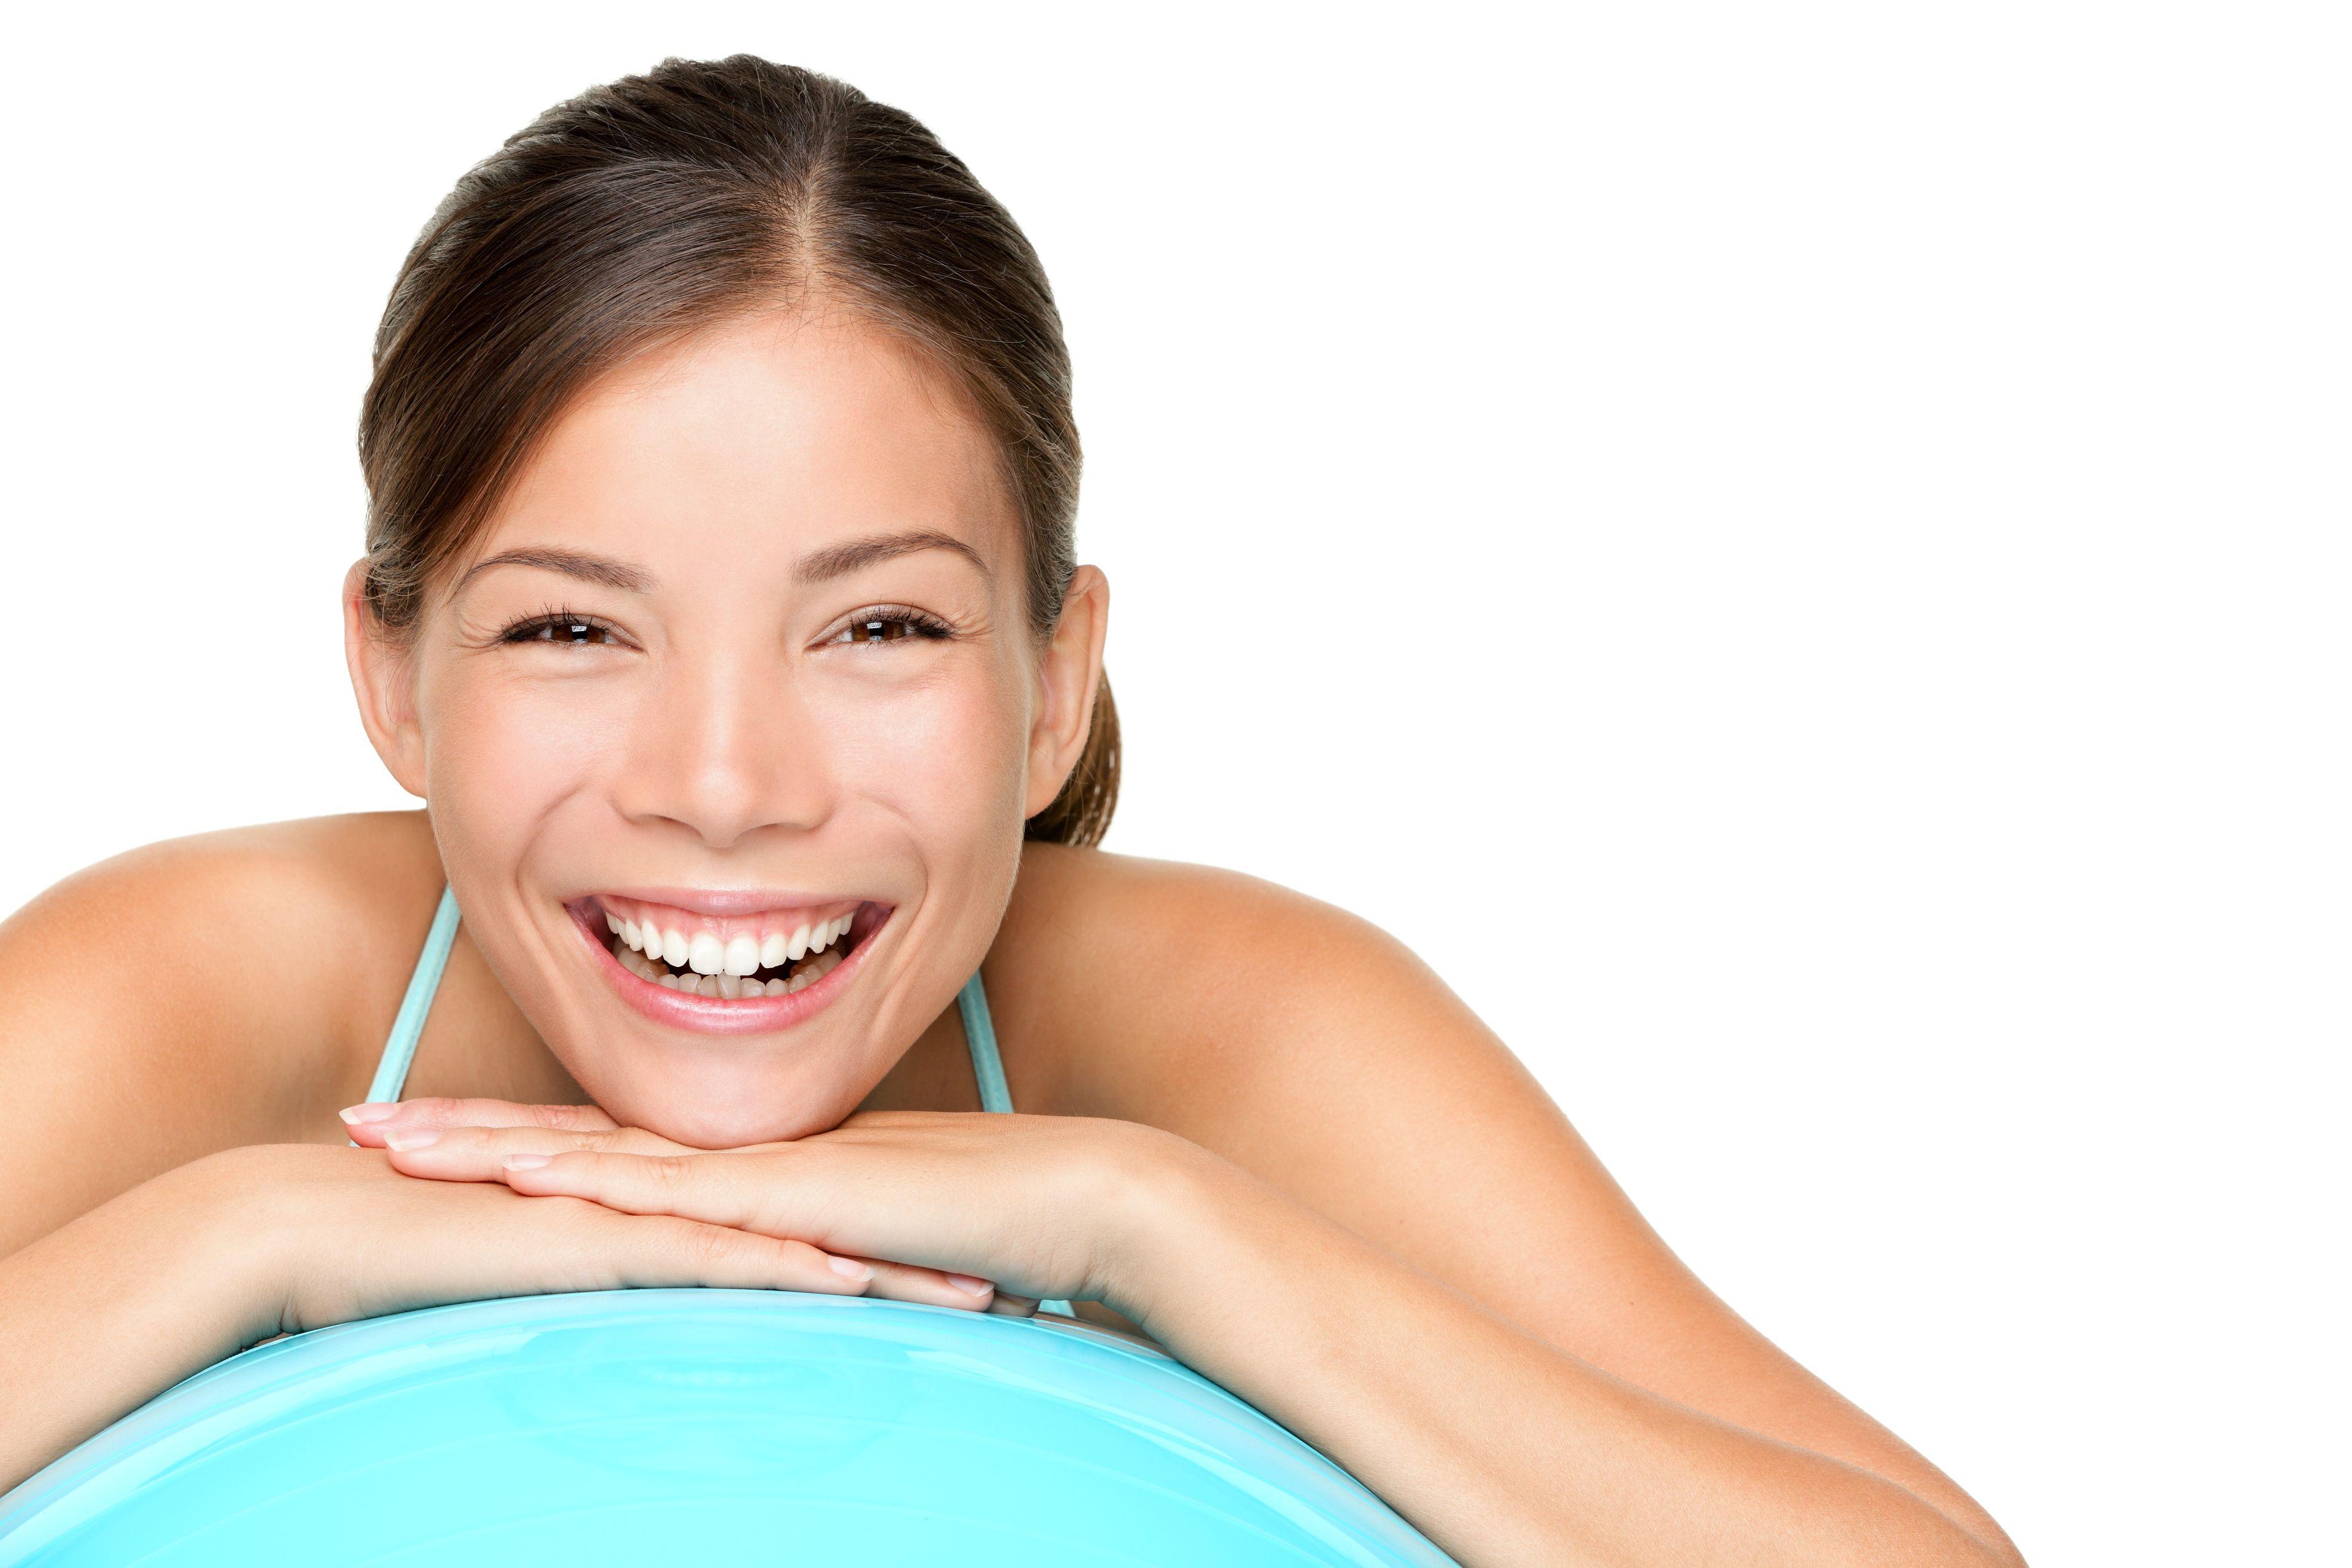 Farmington Teeth Cleaning